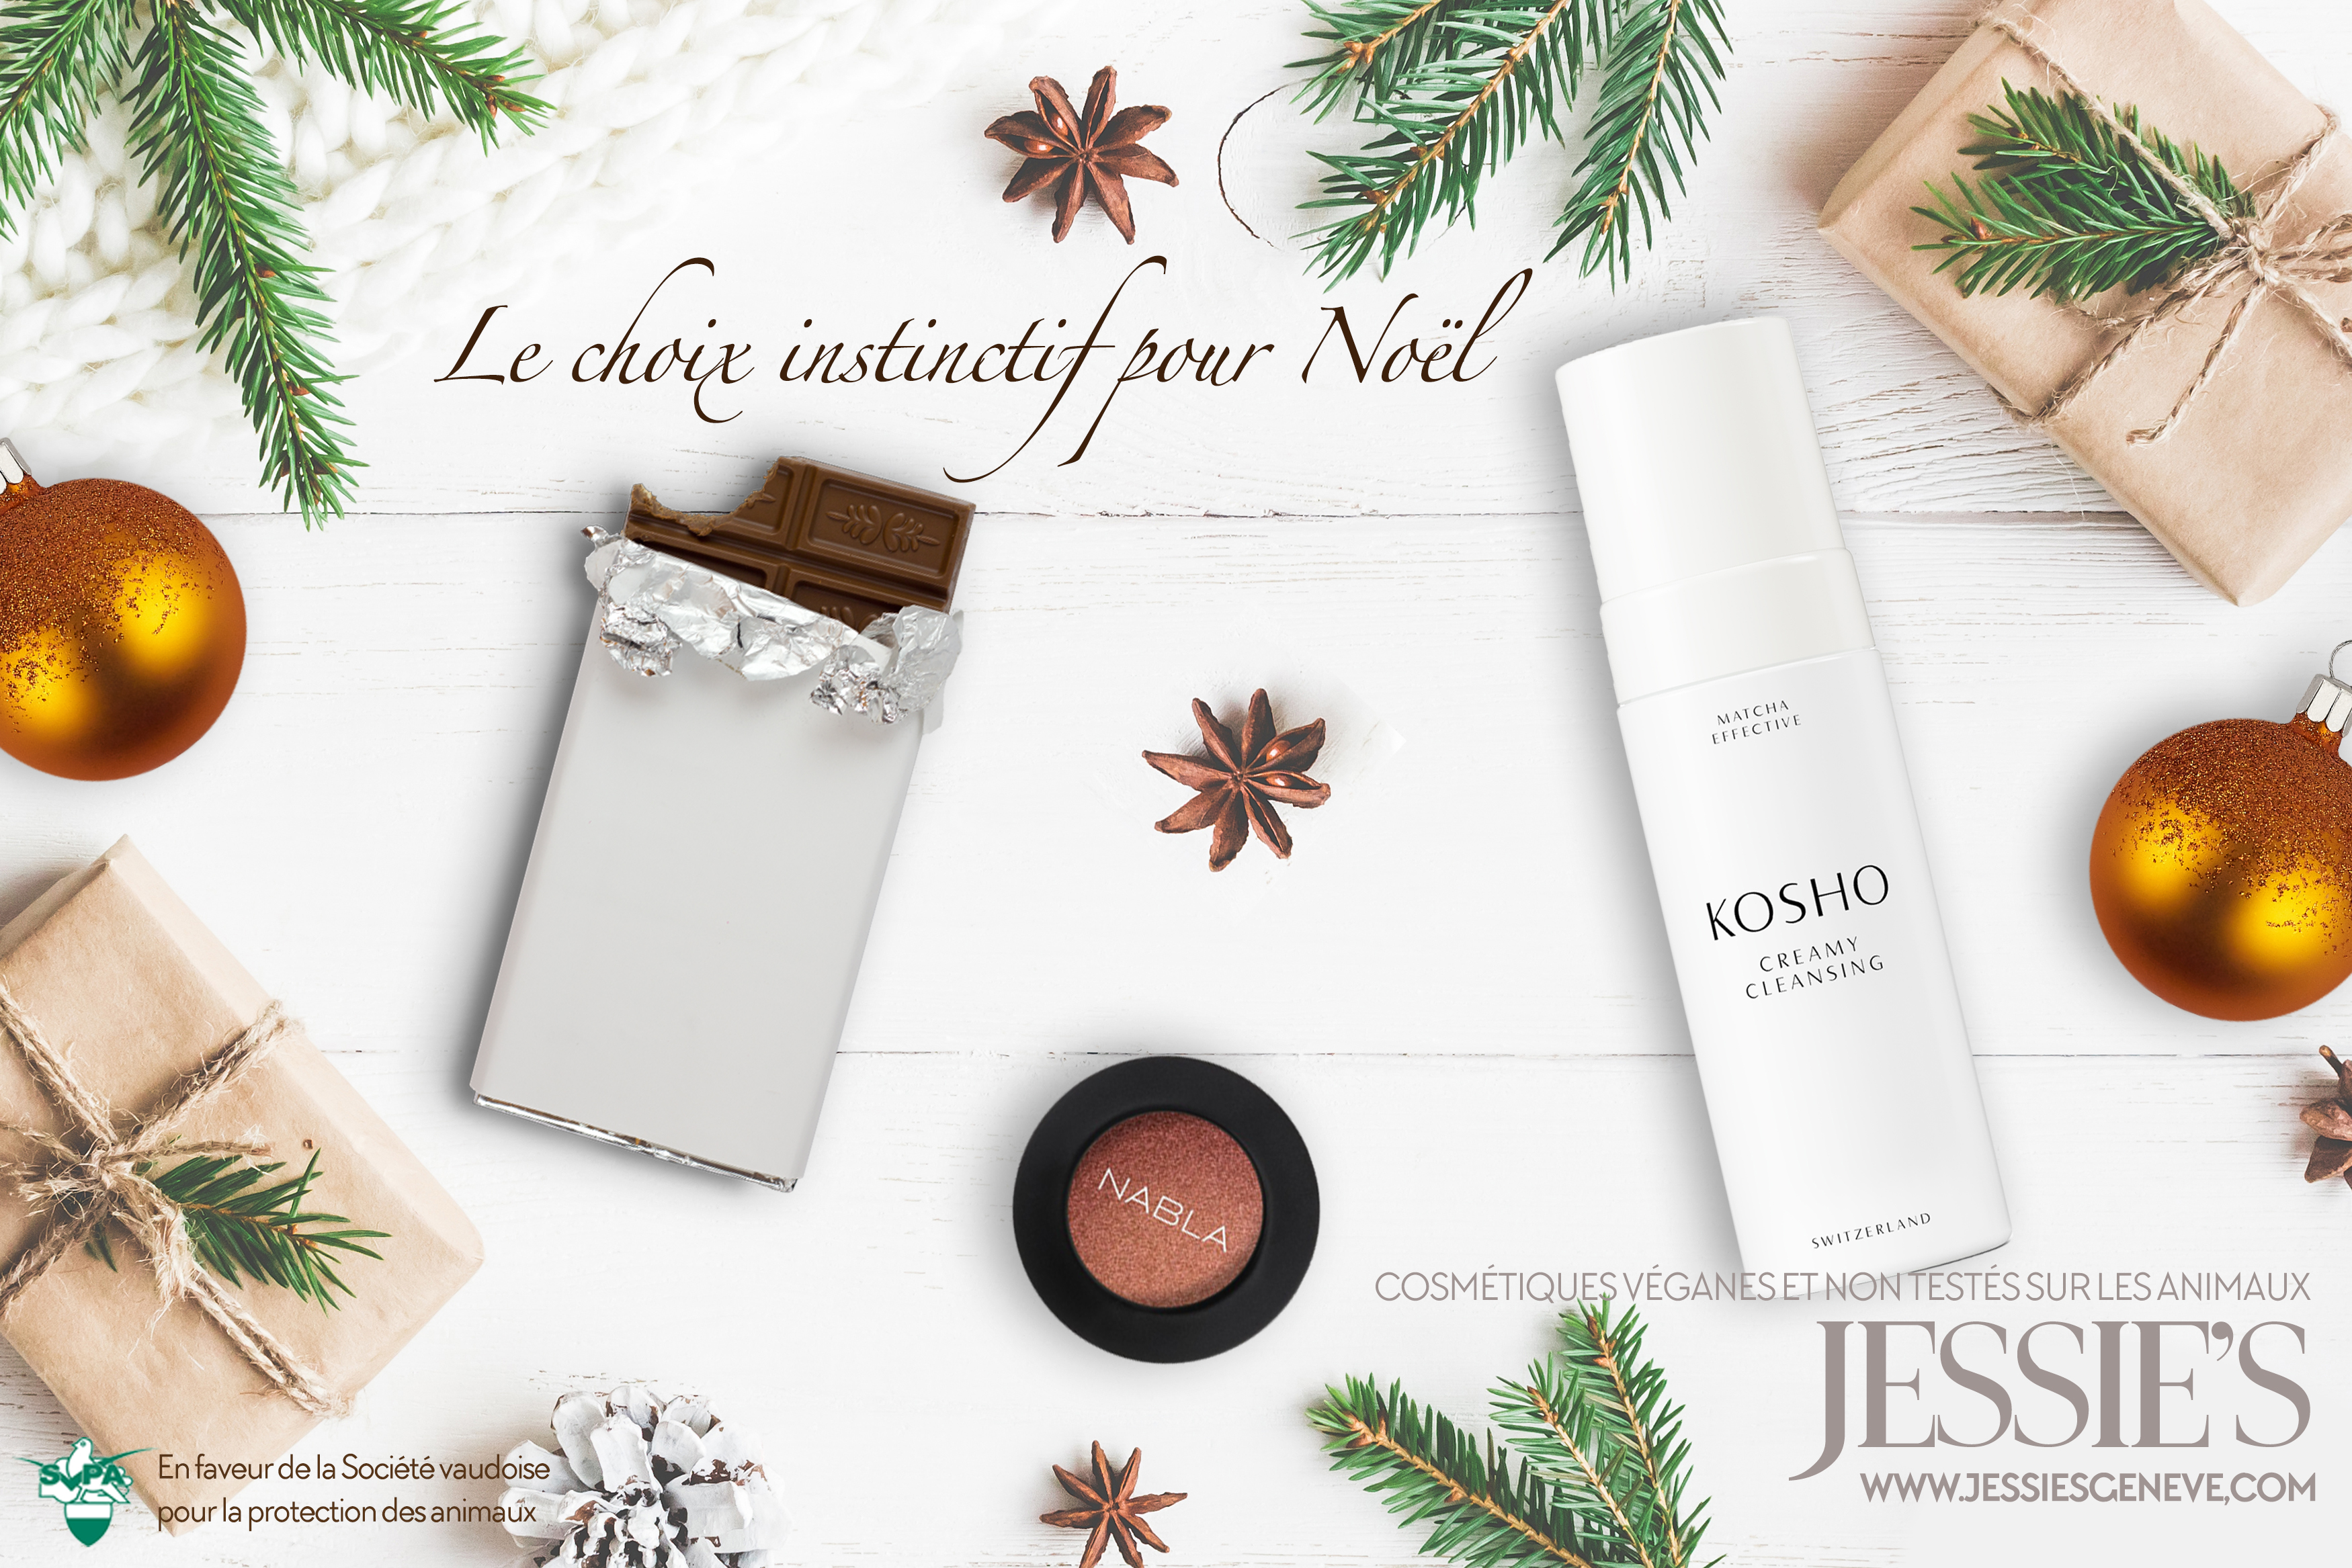 Beauty-Boxes édition spéciale Noël ©Jessie's